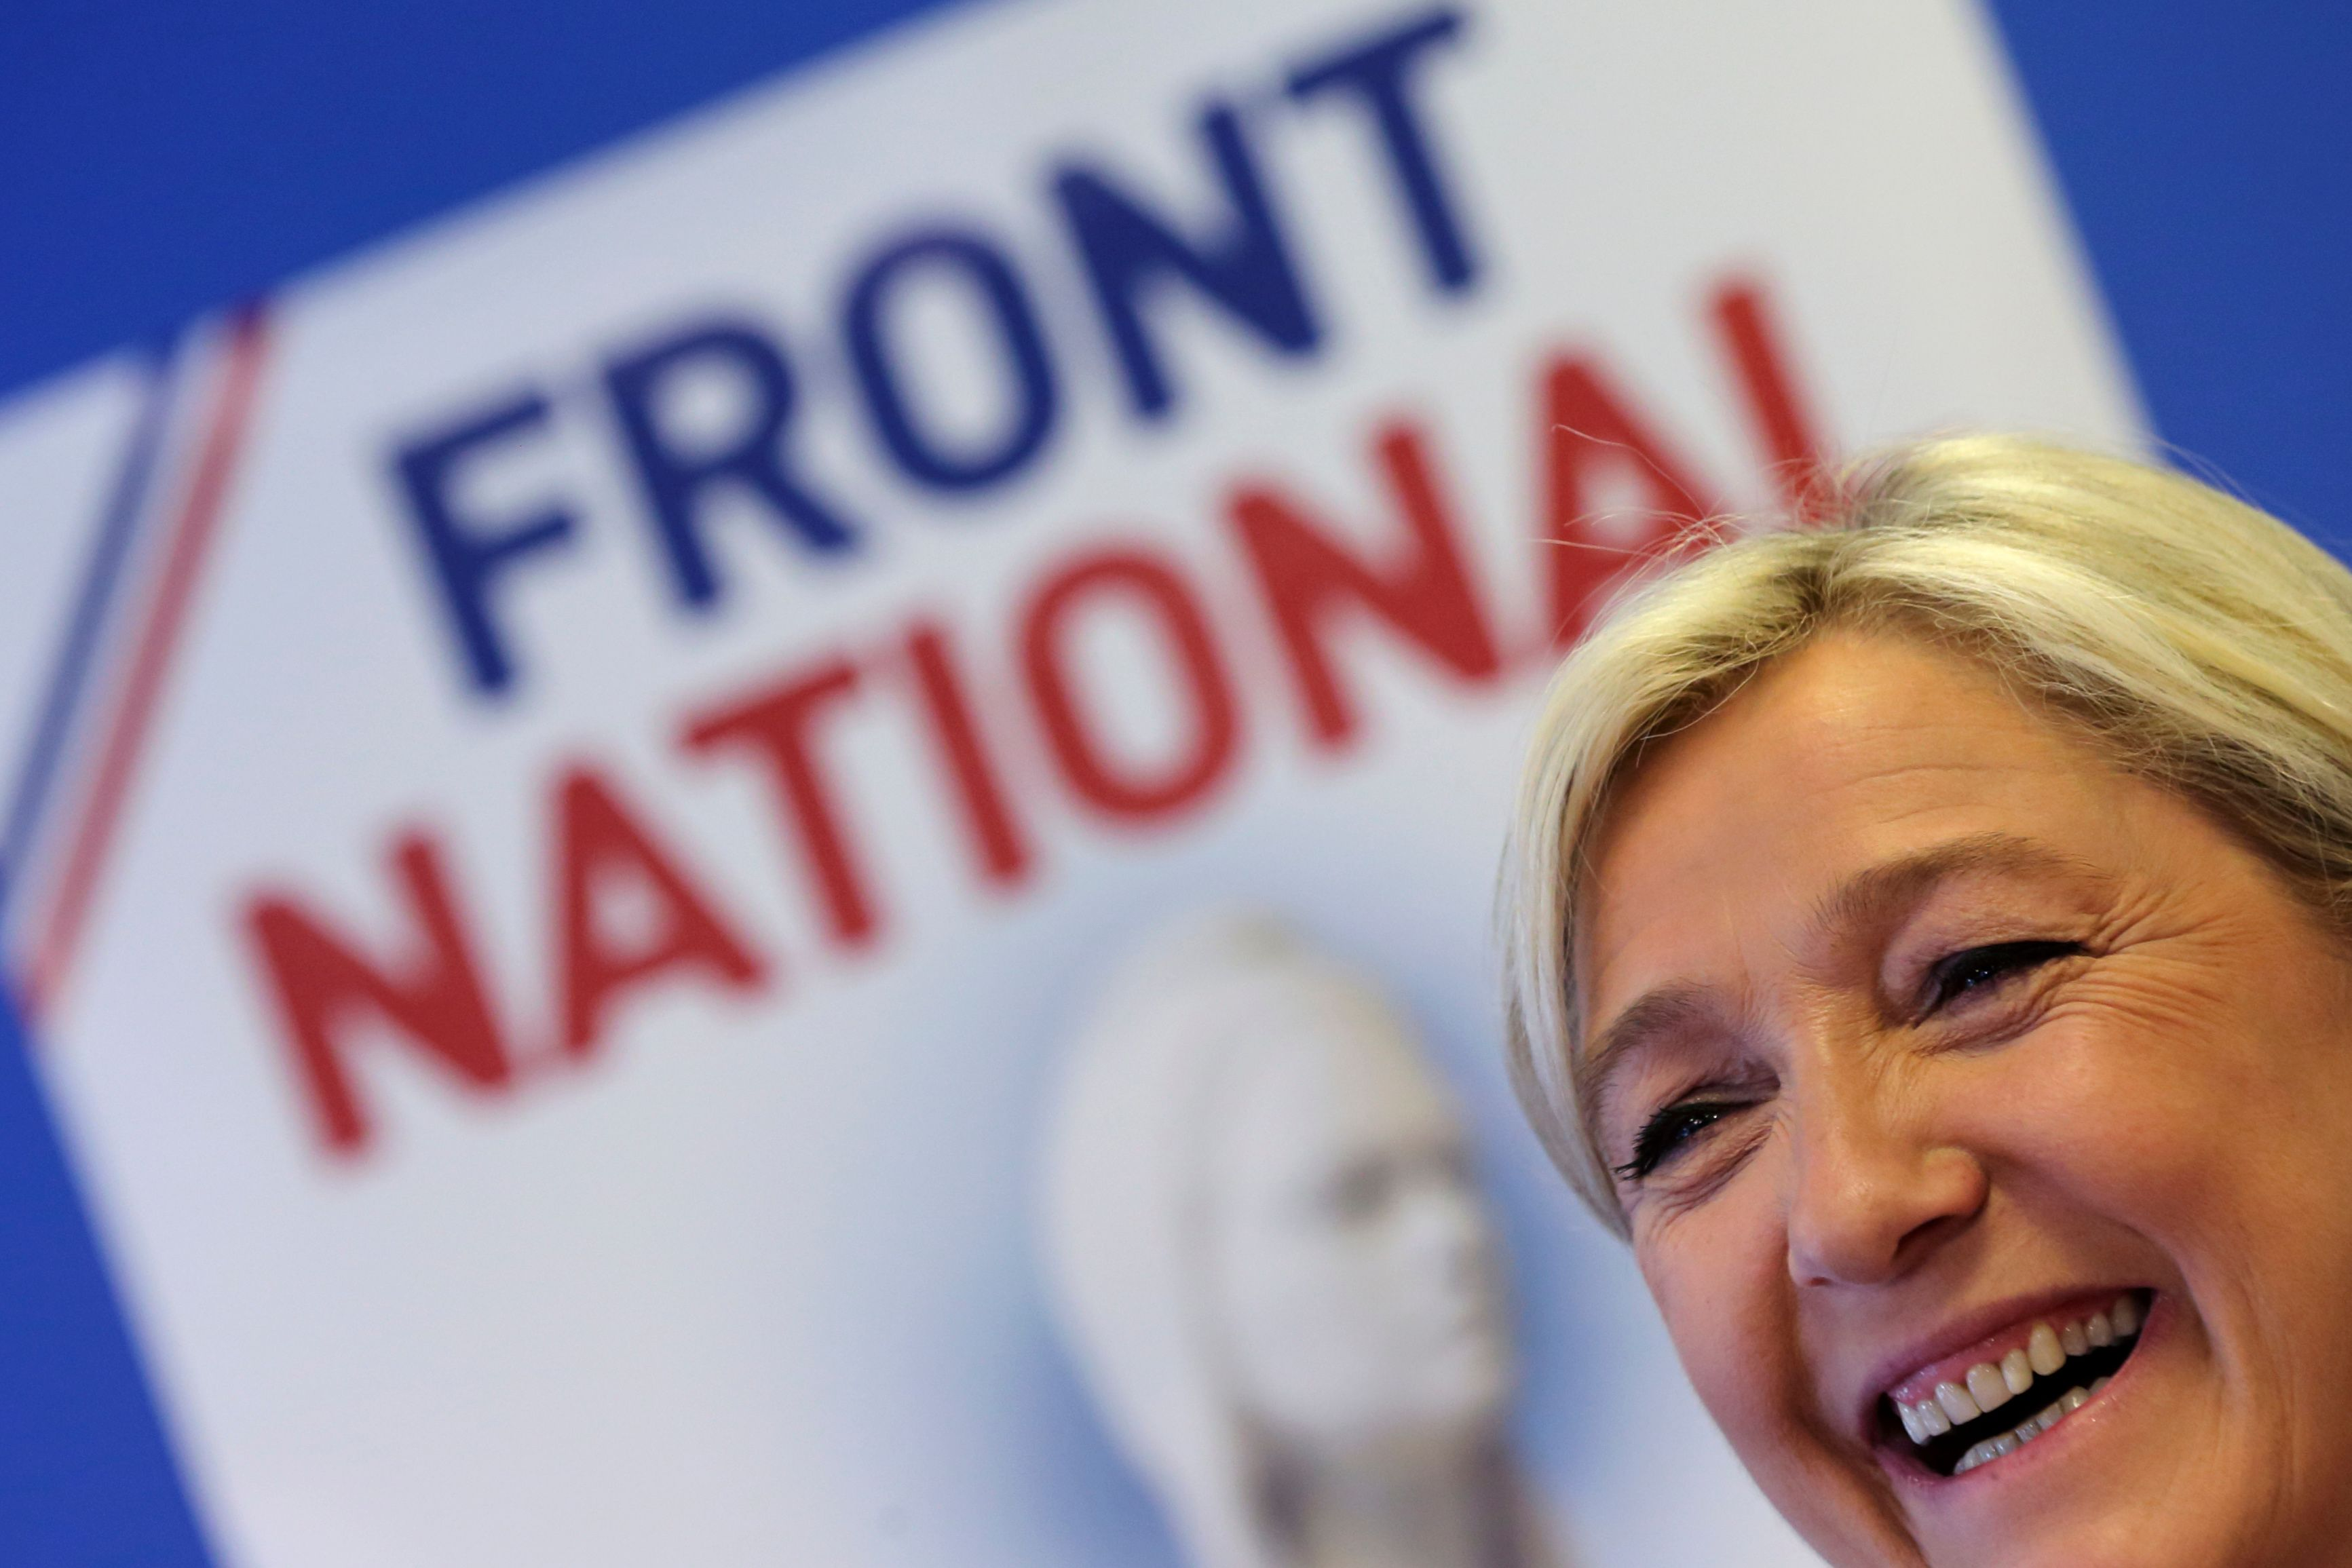 Le succès de Marine Le Pen aux européennes a beaucoup marqué les Français en 2014